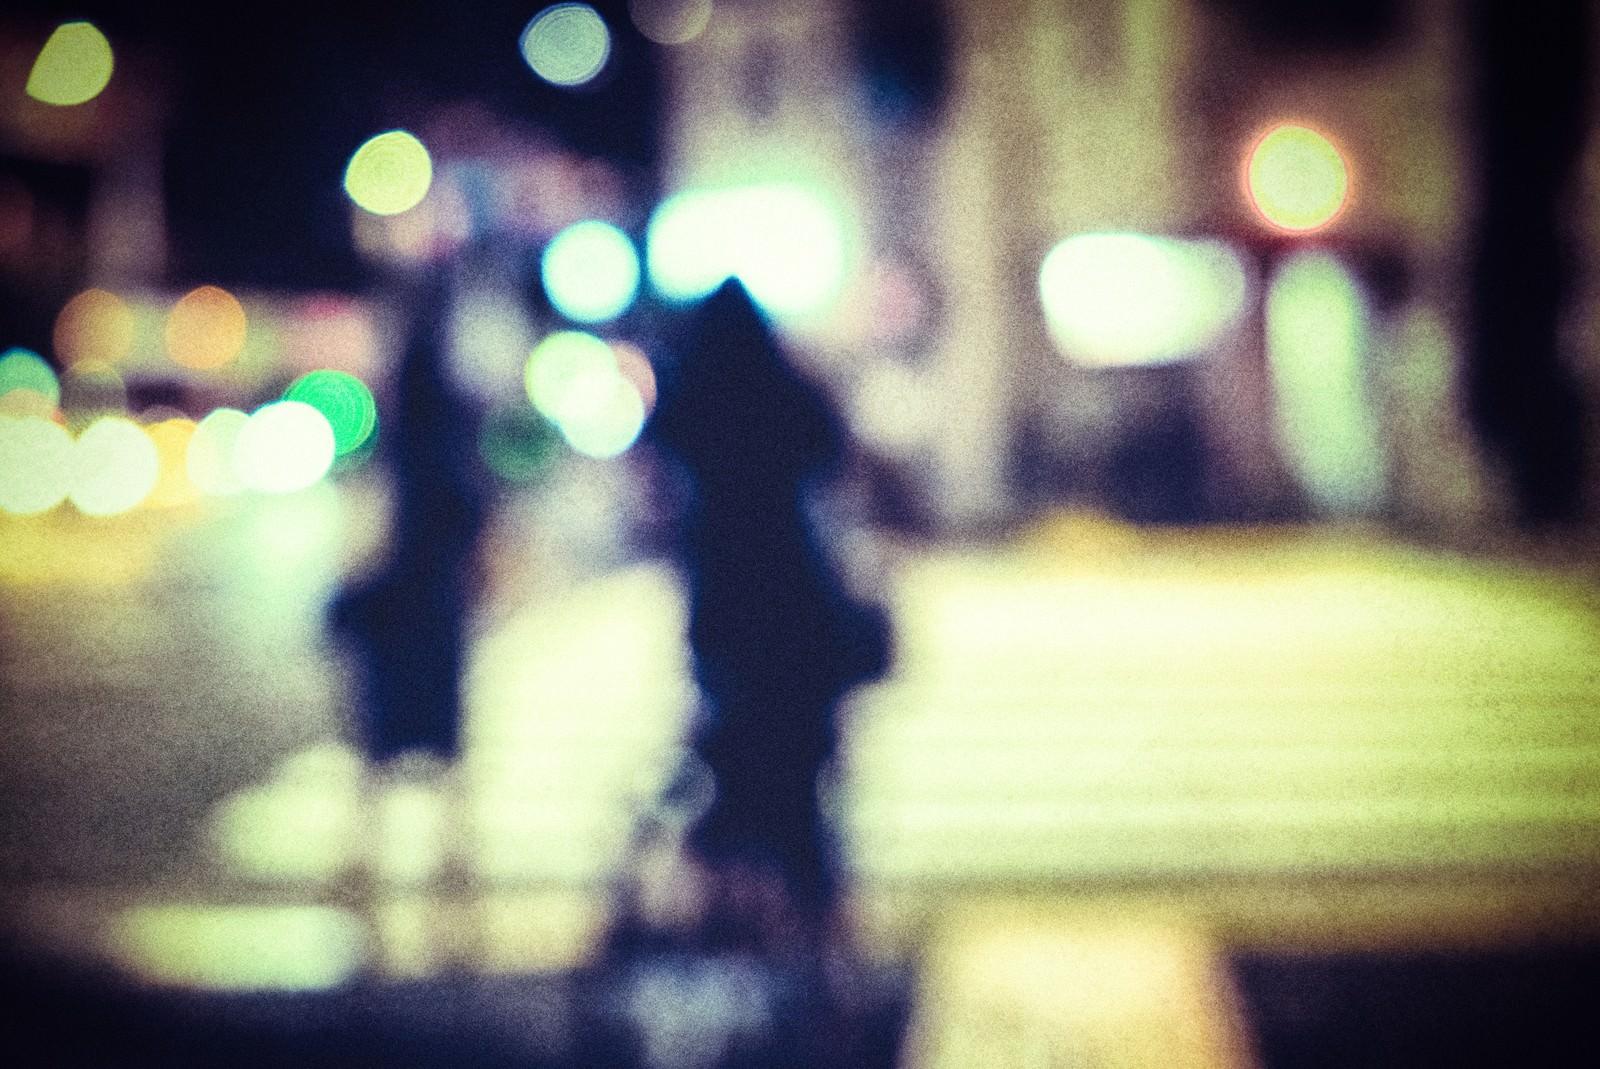 「横断歩道の信号待ち(ボケ)」の写真